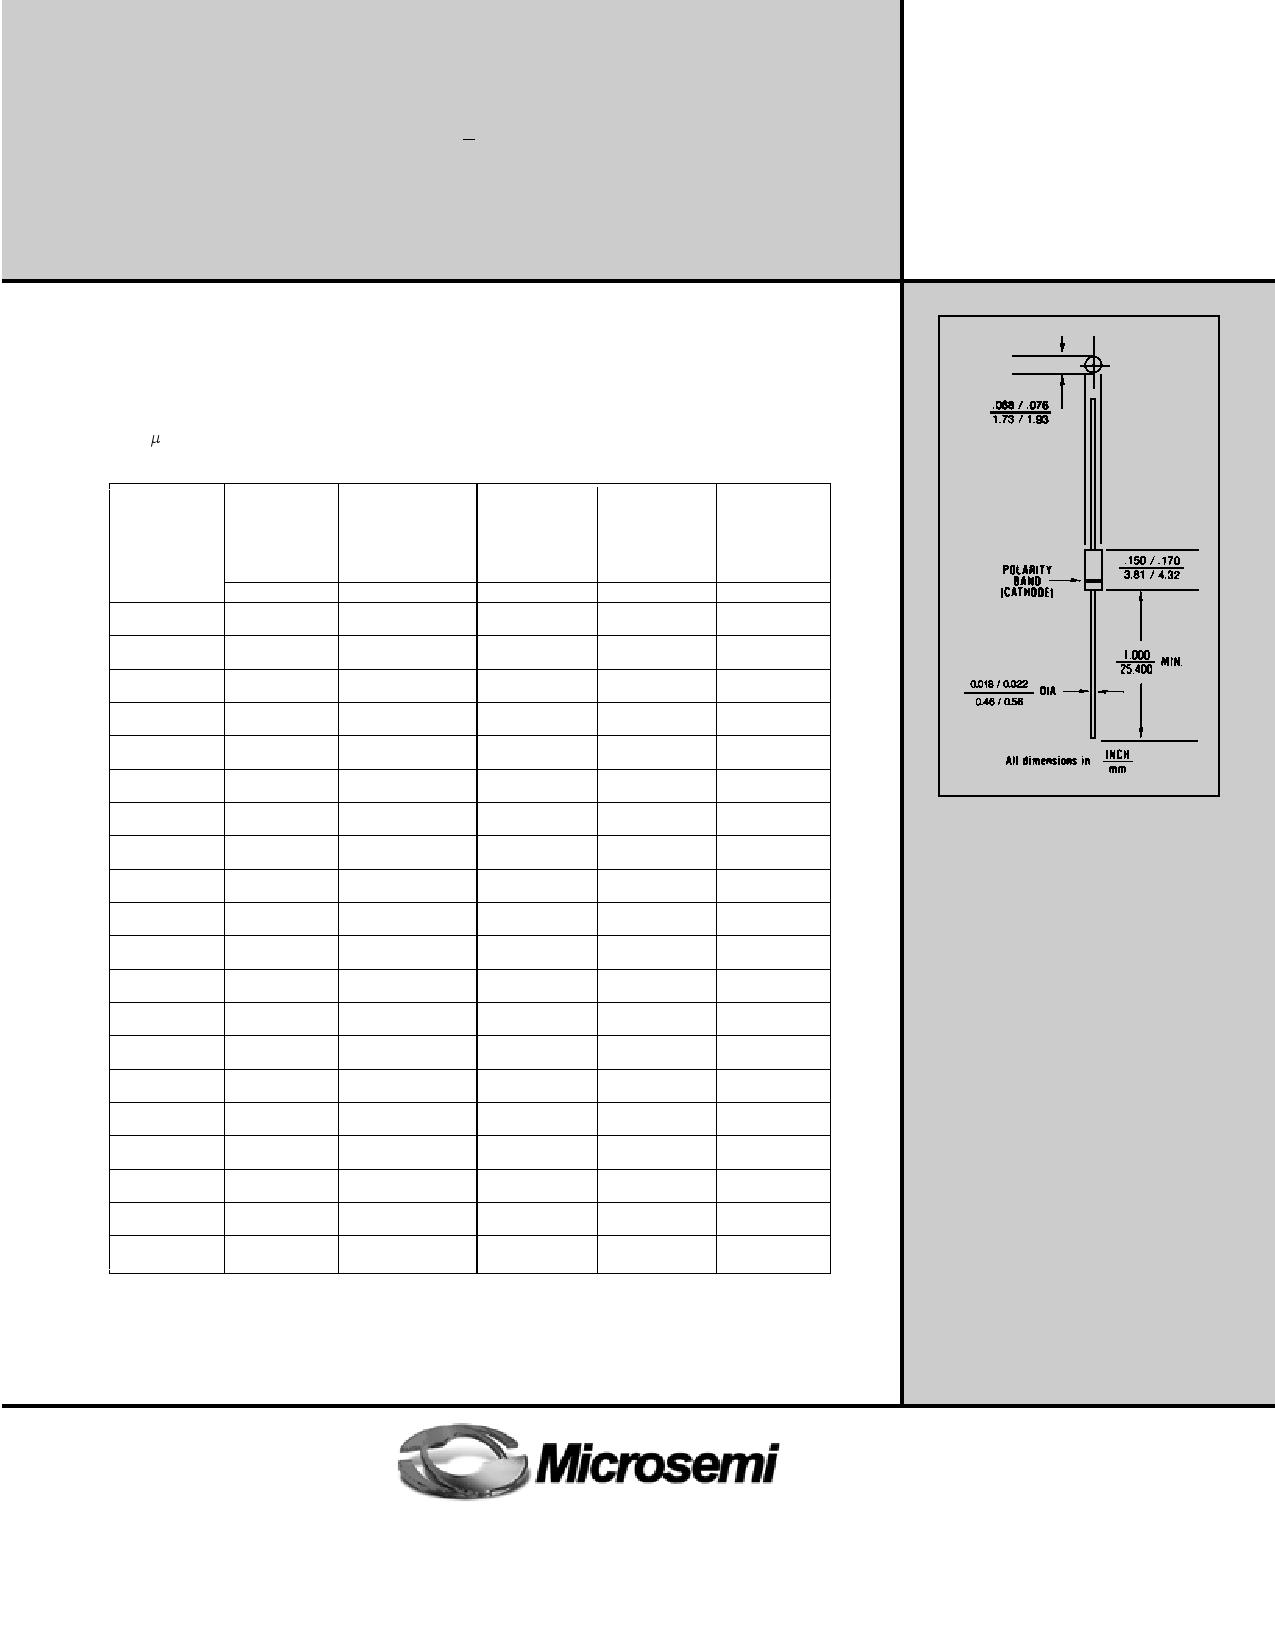 1N4583A datasheet